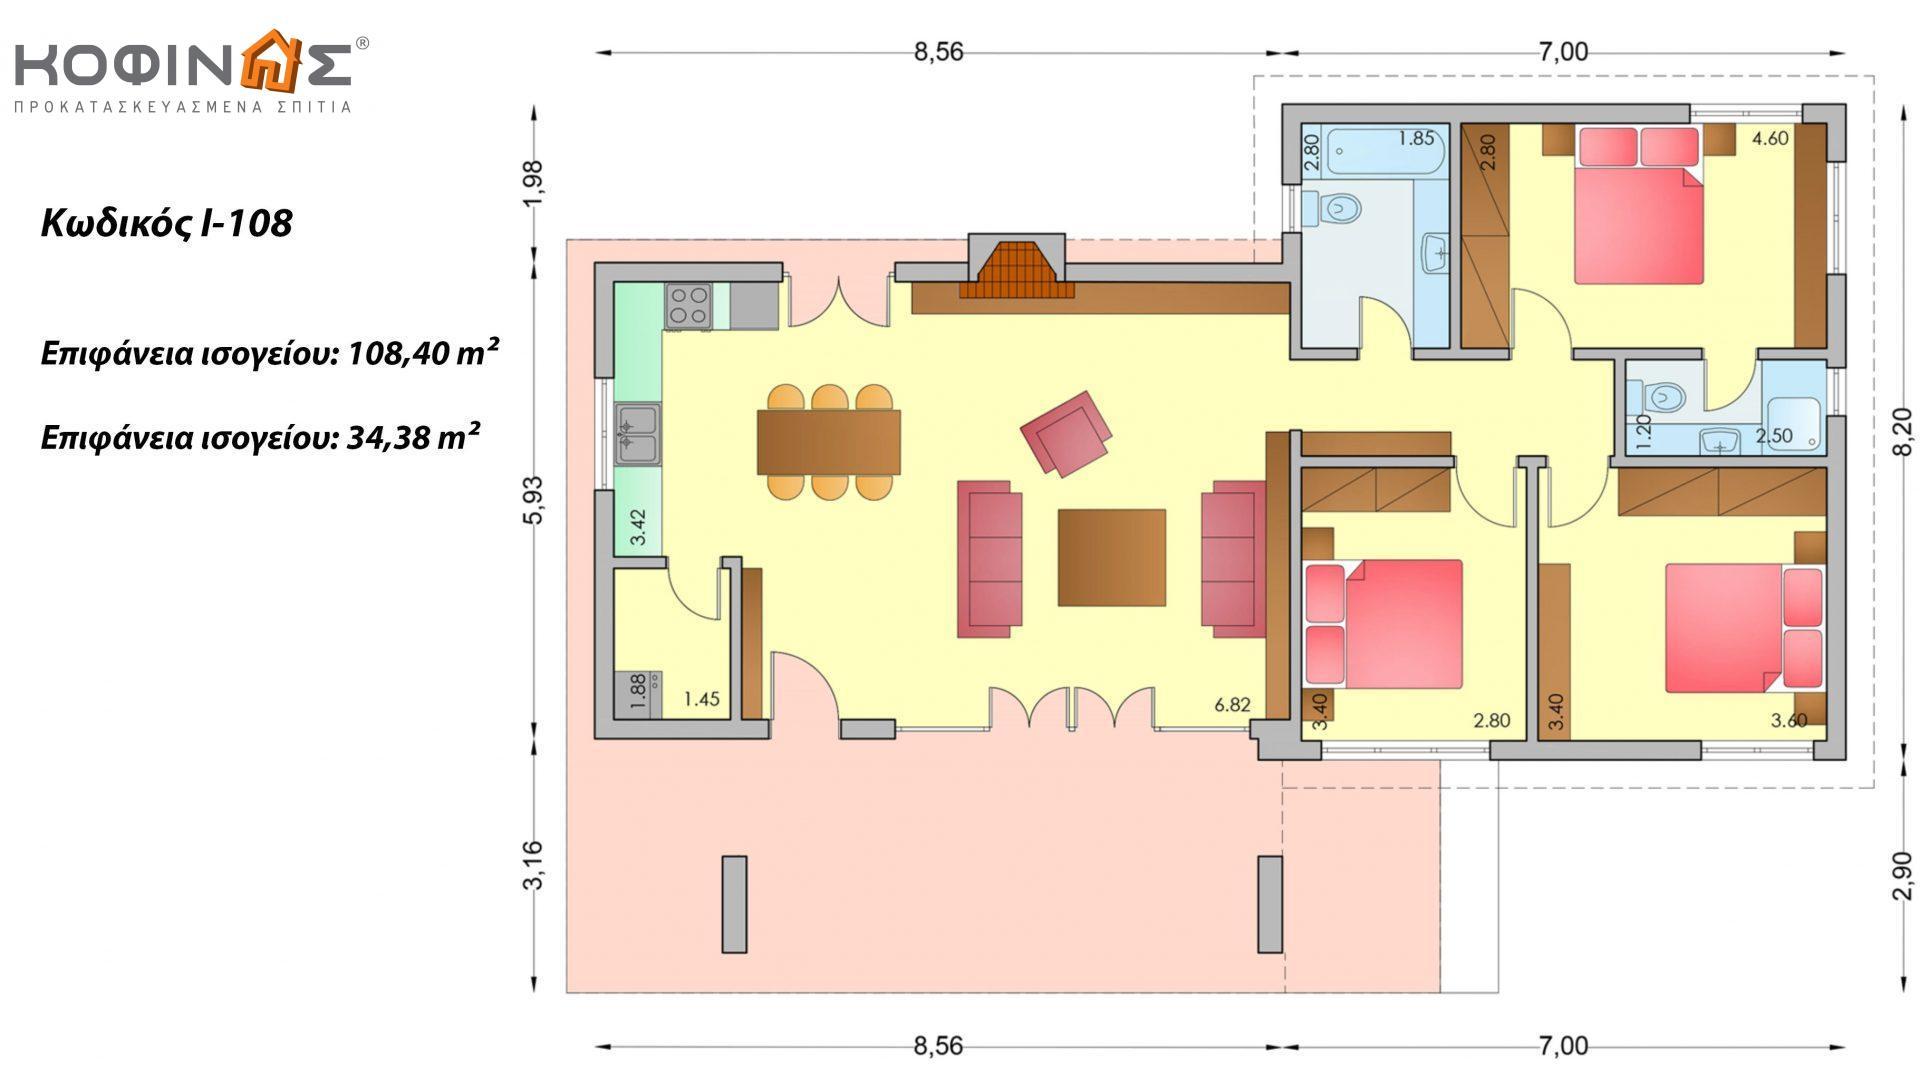 Ισόγεια Κατοικία I-108 συνολικής επιφάνειας 108,40 τ.μ., στεγασμένοι χώροι 34,38 τ.μ